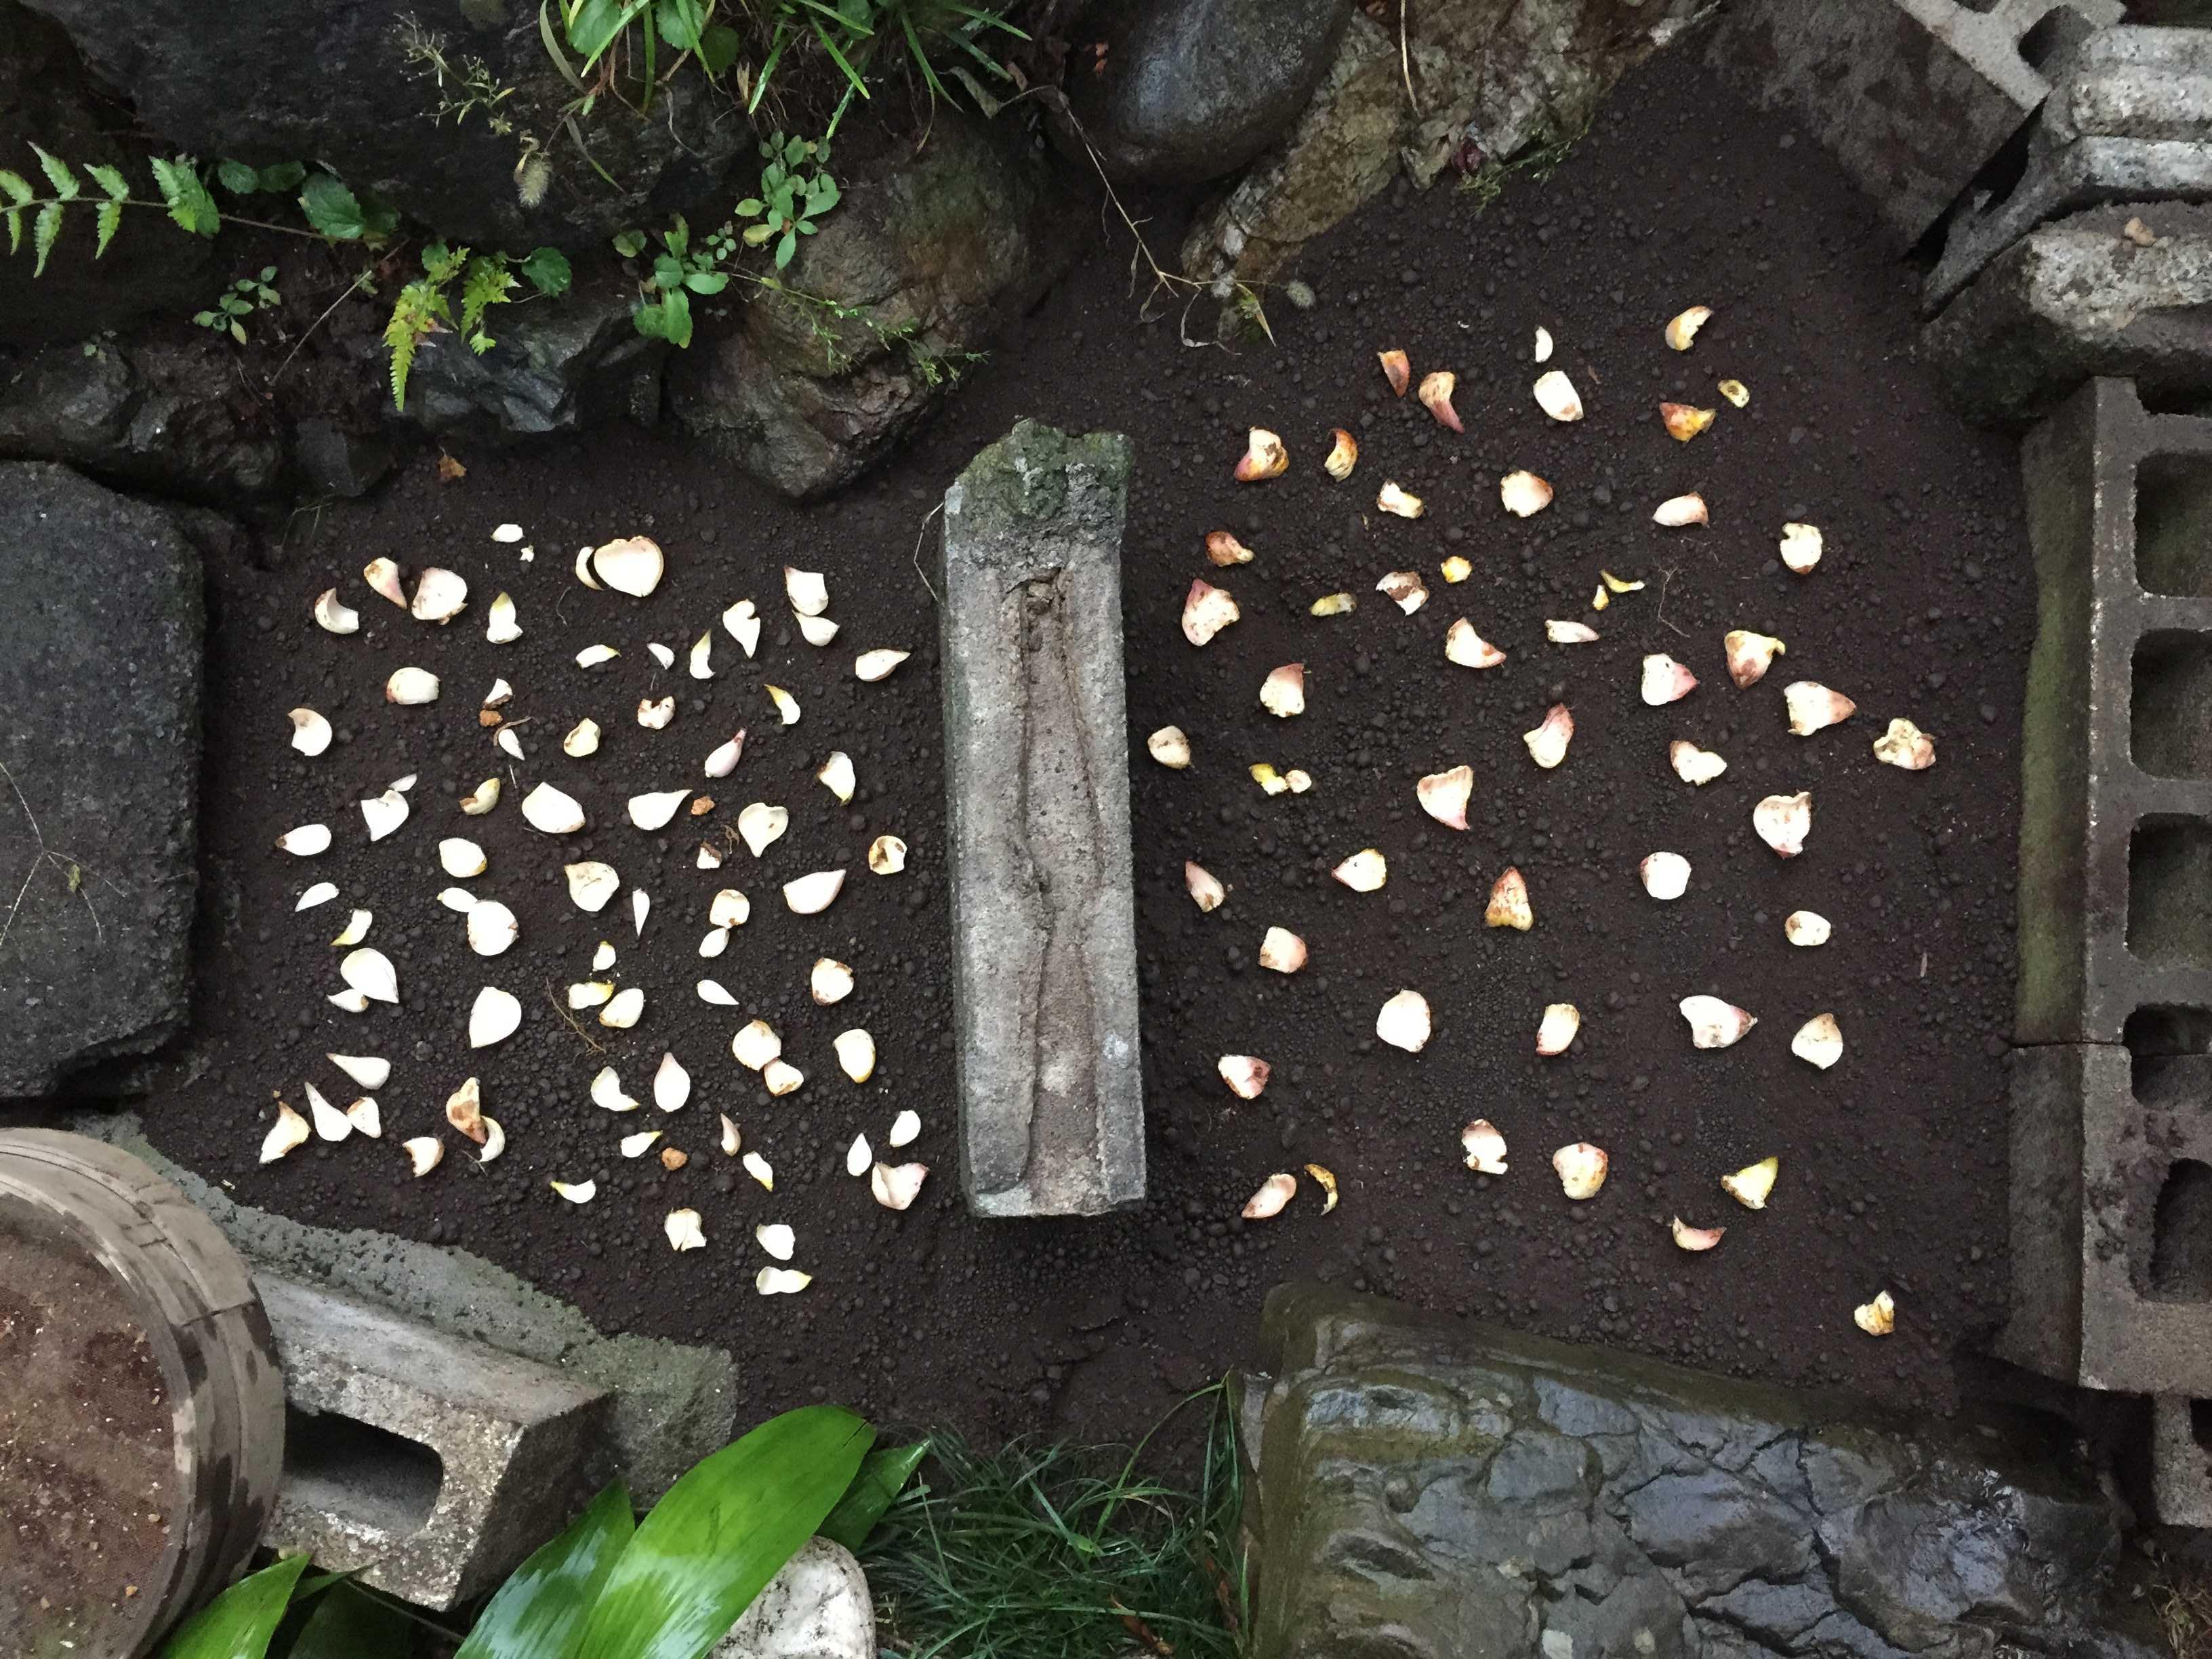 やまゆりの鱗片定植(鱗片繁殖)